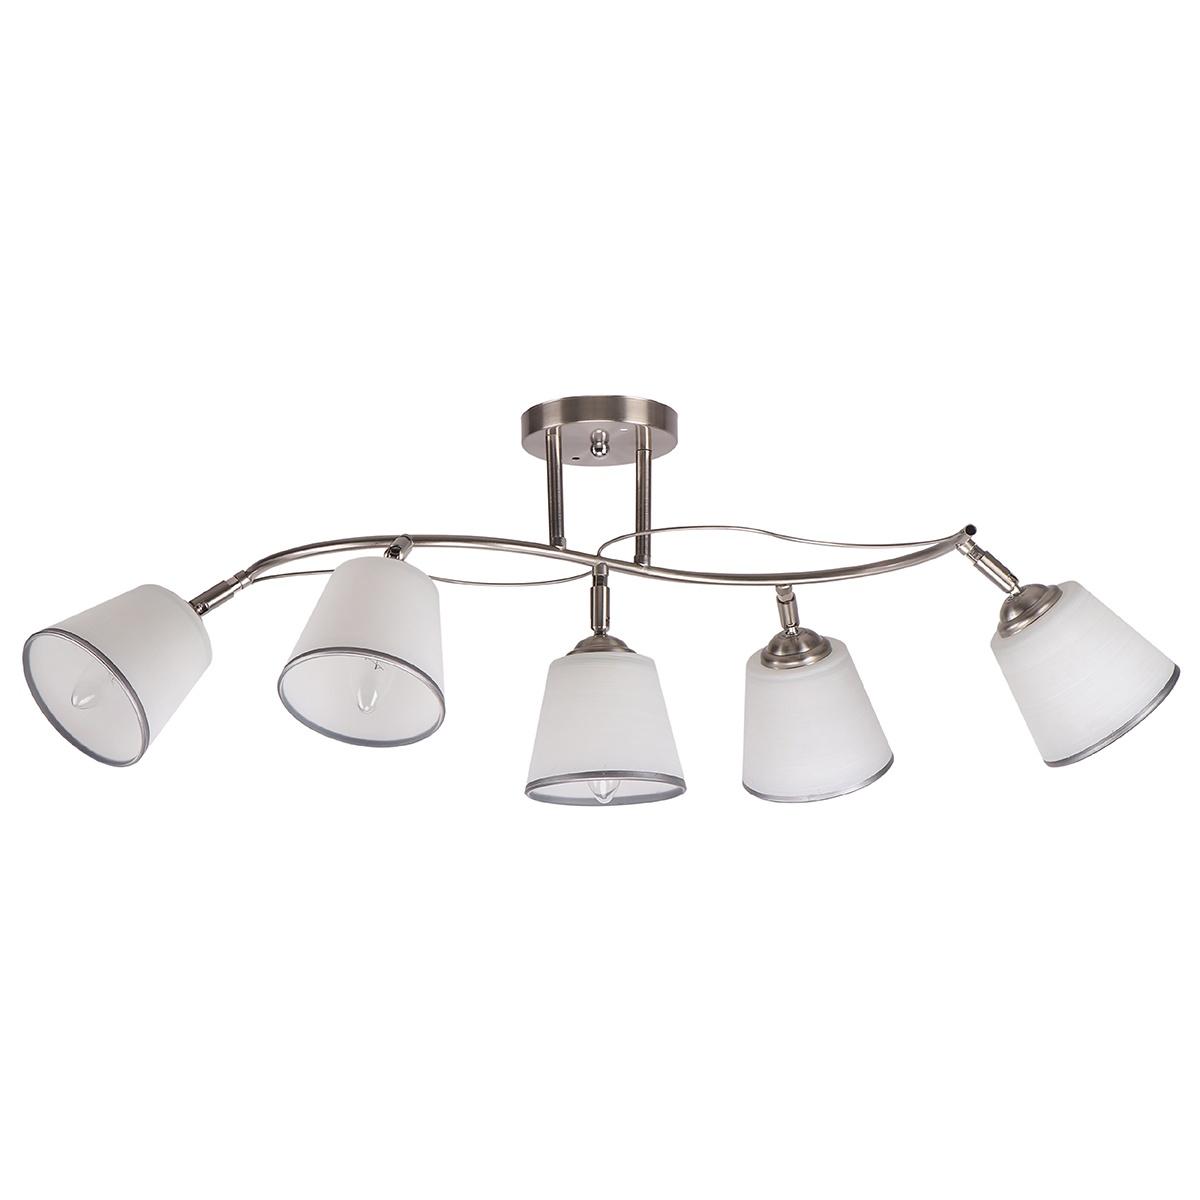 Потолочный светильник Toscom Gera, E27, 60 Вт потолочная люстра toscom teresa tc 133 506